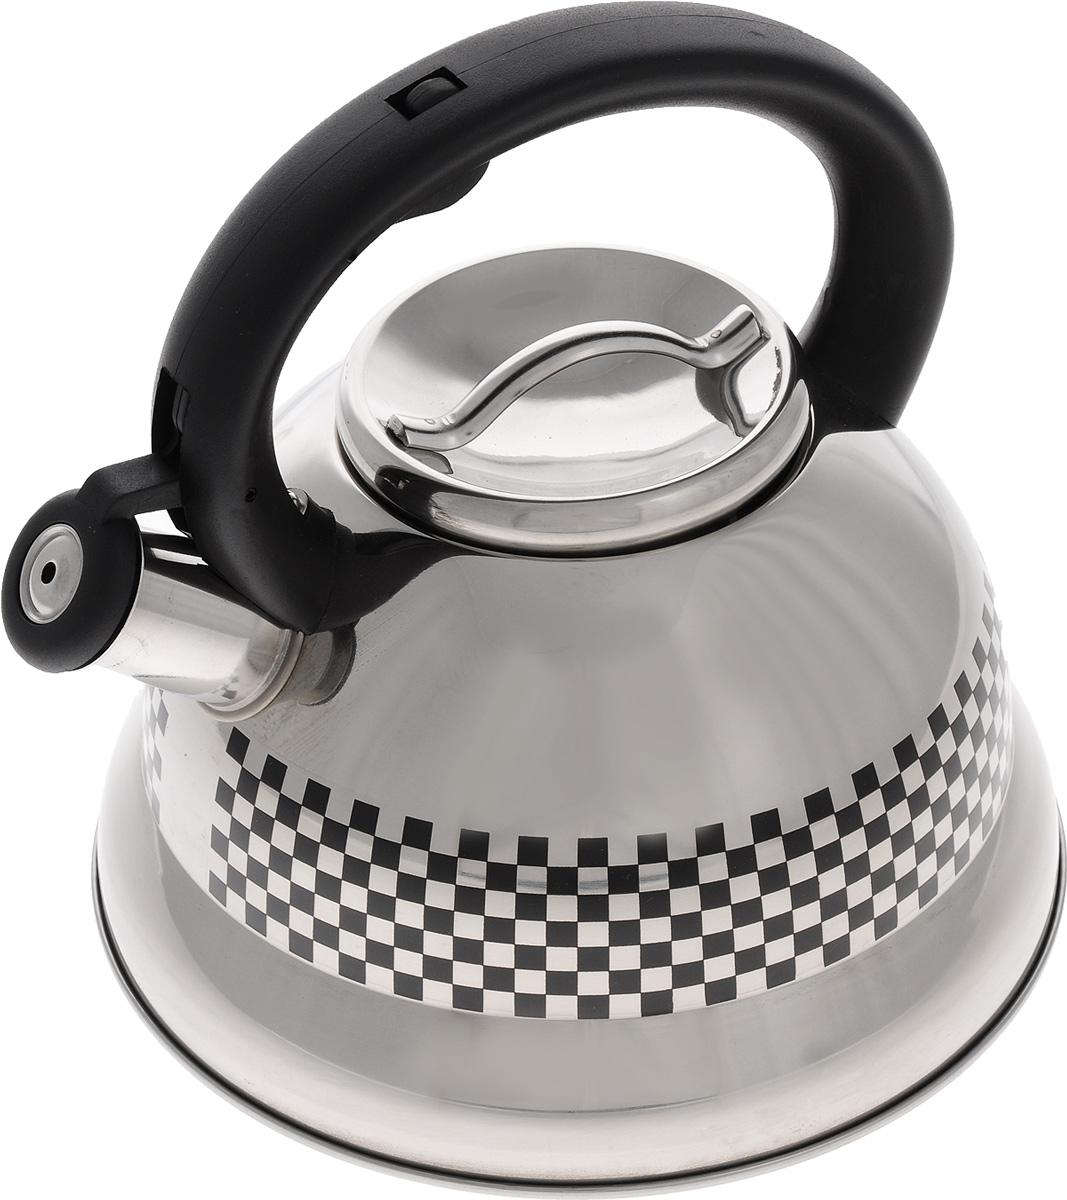 Чайник Mayer & Boch, со свистком, 2,6 л. 2417524175Чайник Mayer & Boch выполнен из высококачественной нержавеющей стали, что делает его весьма гигиеничным и устойчивым к износу при длительном использовании. Носик чайника оснащен откидным свистком, звуковой сигнал которого подскажет, когда закипит вода. Свисток открывается нажатием кнопки на ручке. Фиксированная ручка, изготовленная из прочного пластика, делает использование чайника очень удобным и безопасным. Поверхность чайника гладкая, что облегчает уход за ним. Эстетичный и функциональный, такой чайник будет оригинально смотреться в любом интерьере. Чайник пригоден для всех типов плит, включая индукционные. Можно мыть в посудомоечной машине.Высота чайника (без учета ручки и крышки): 12 см.Высота чайника (с учетом ручки и крышки): 22,5 см.Диаметр чайника (по верхнему краю): 10 см.